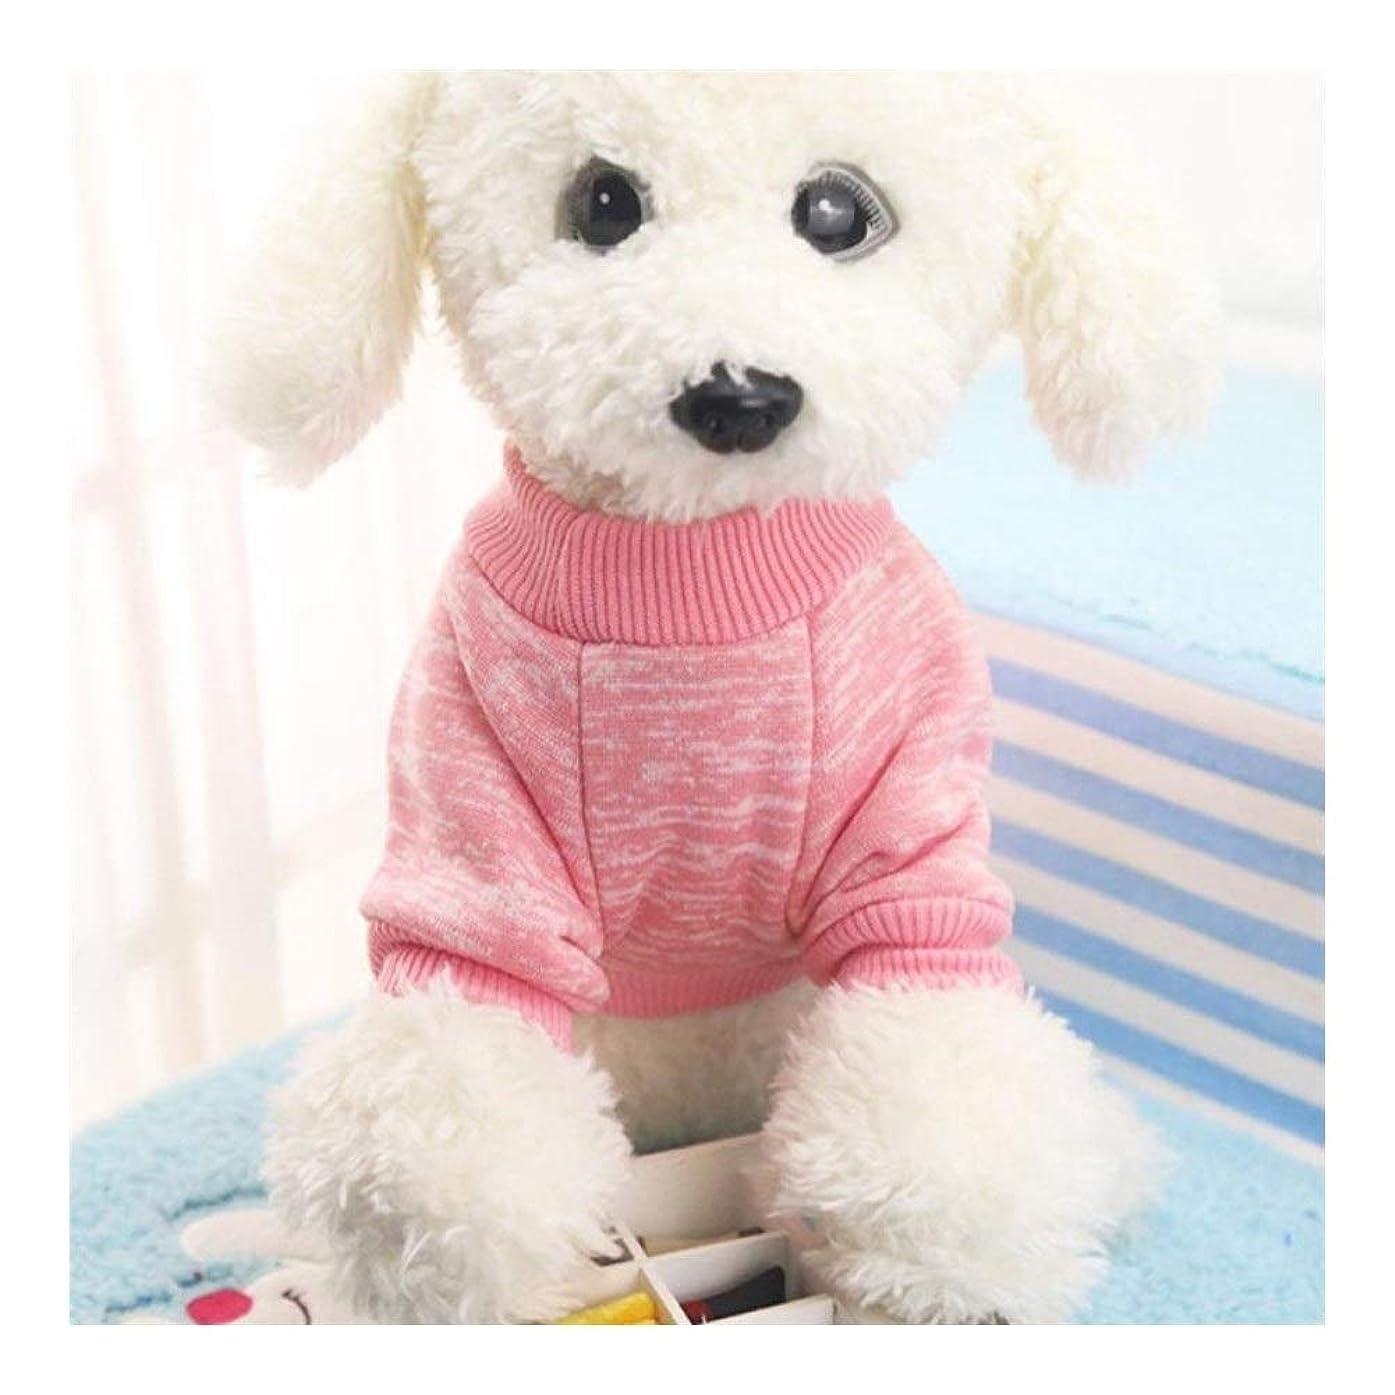 信頼性のある霊添加剤JIANYI JP クラシック 暖かい 犬服 子犬 セーター 衣装 ペット 猫 ジャケット コート 冬 セーター ソフト 衣装 小型犬 チワワ XS-2XL (Color : Gray, Size : S)